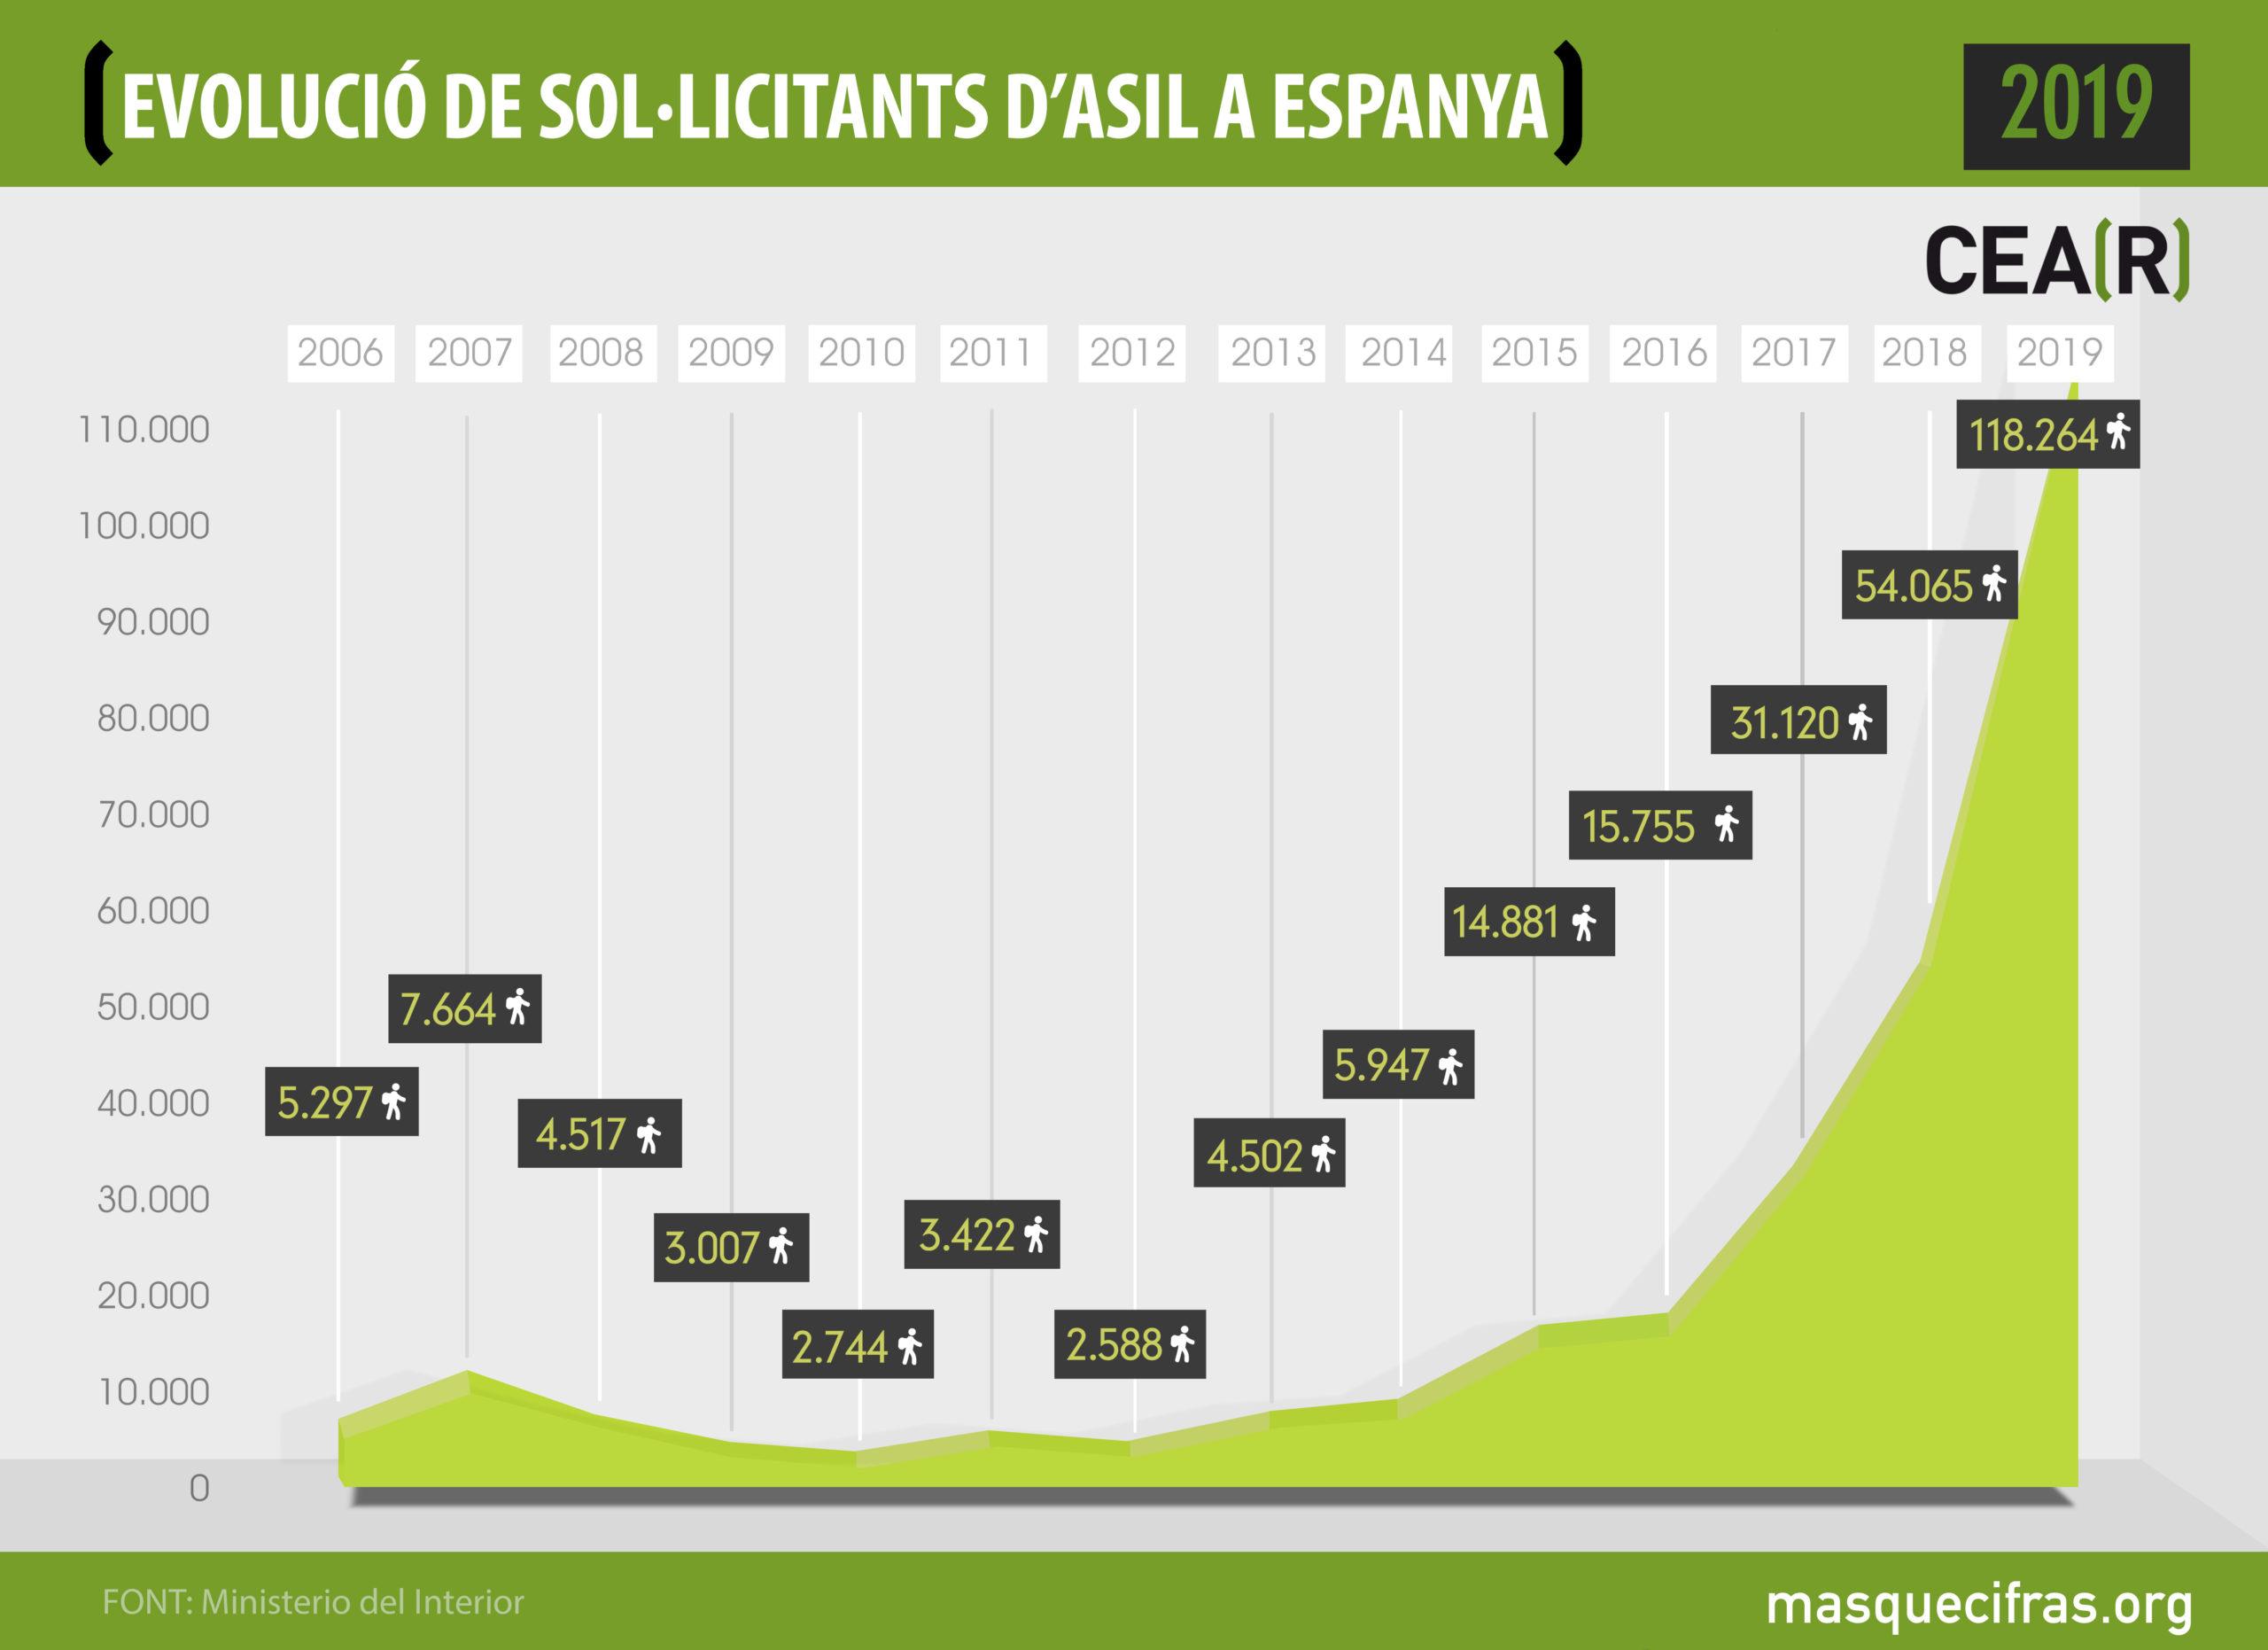 El Estado Español Solo Ofrece Protección A 1 De Cada 20 Solicitantes De Asilo